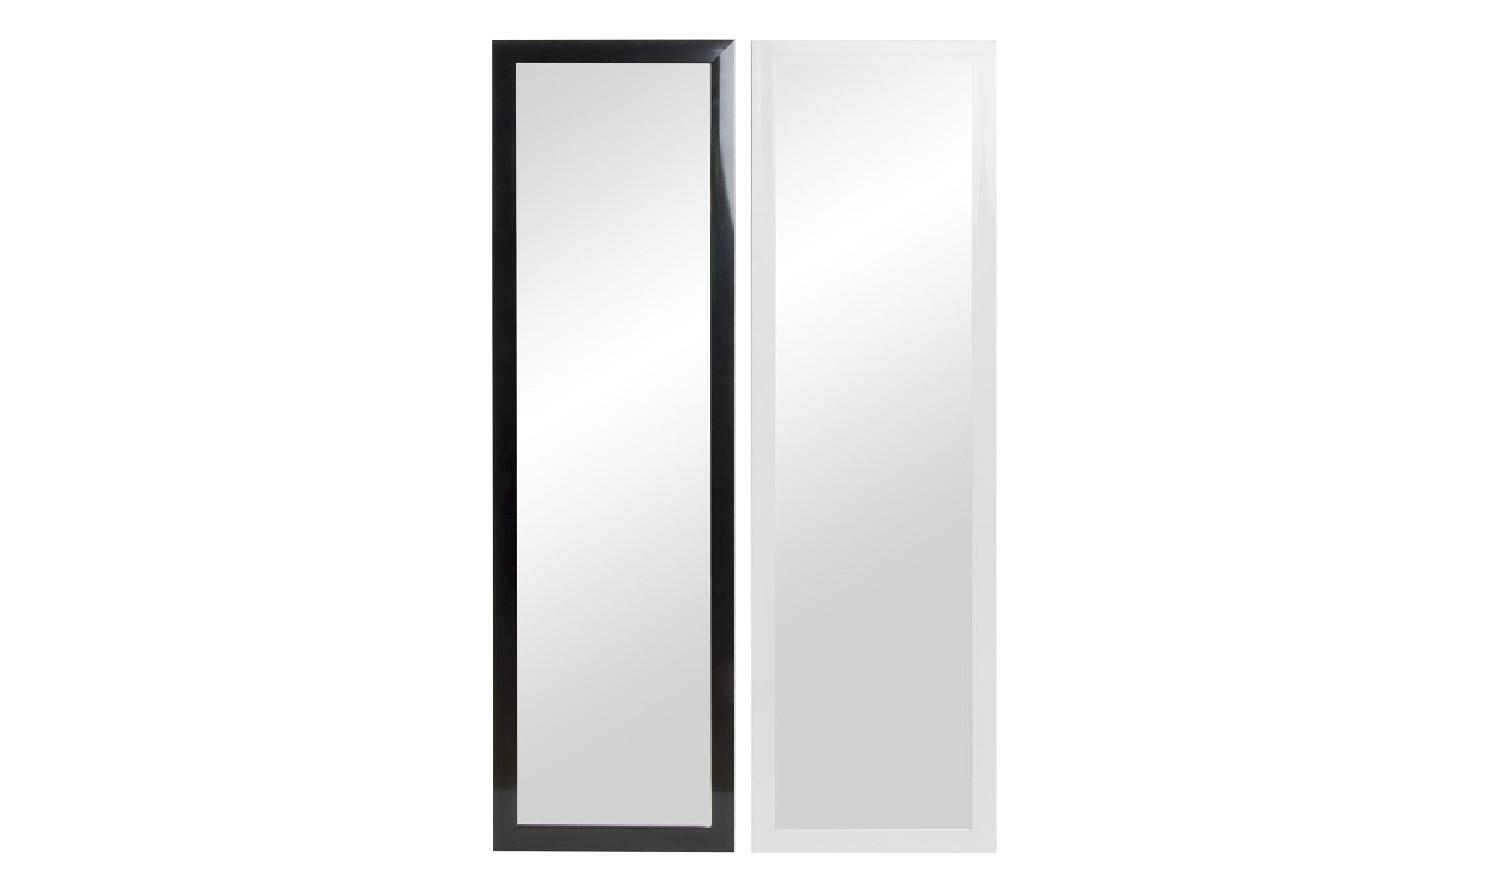 Espejos para puertas de armarios awesome latest with for Puertas correderas sodimac